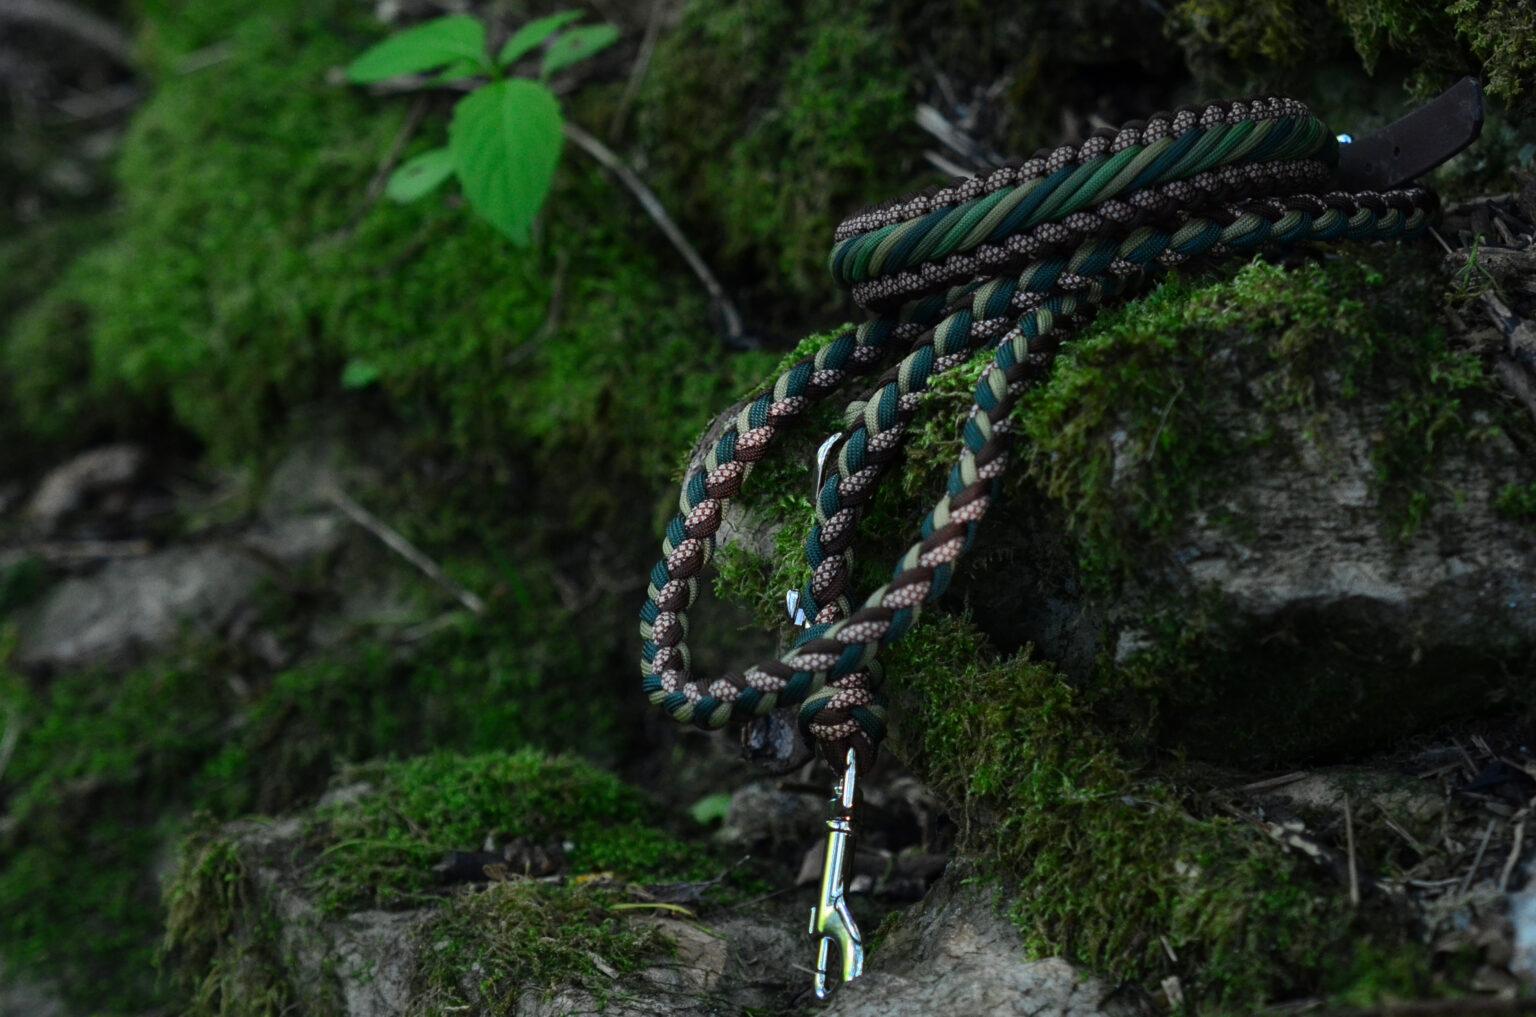 Die natürliche Farbkombination aus Braun und Grün erhält das gewisse Etwas durch das eingeflochtene gemusterte Cord.